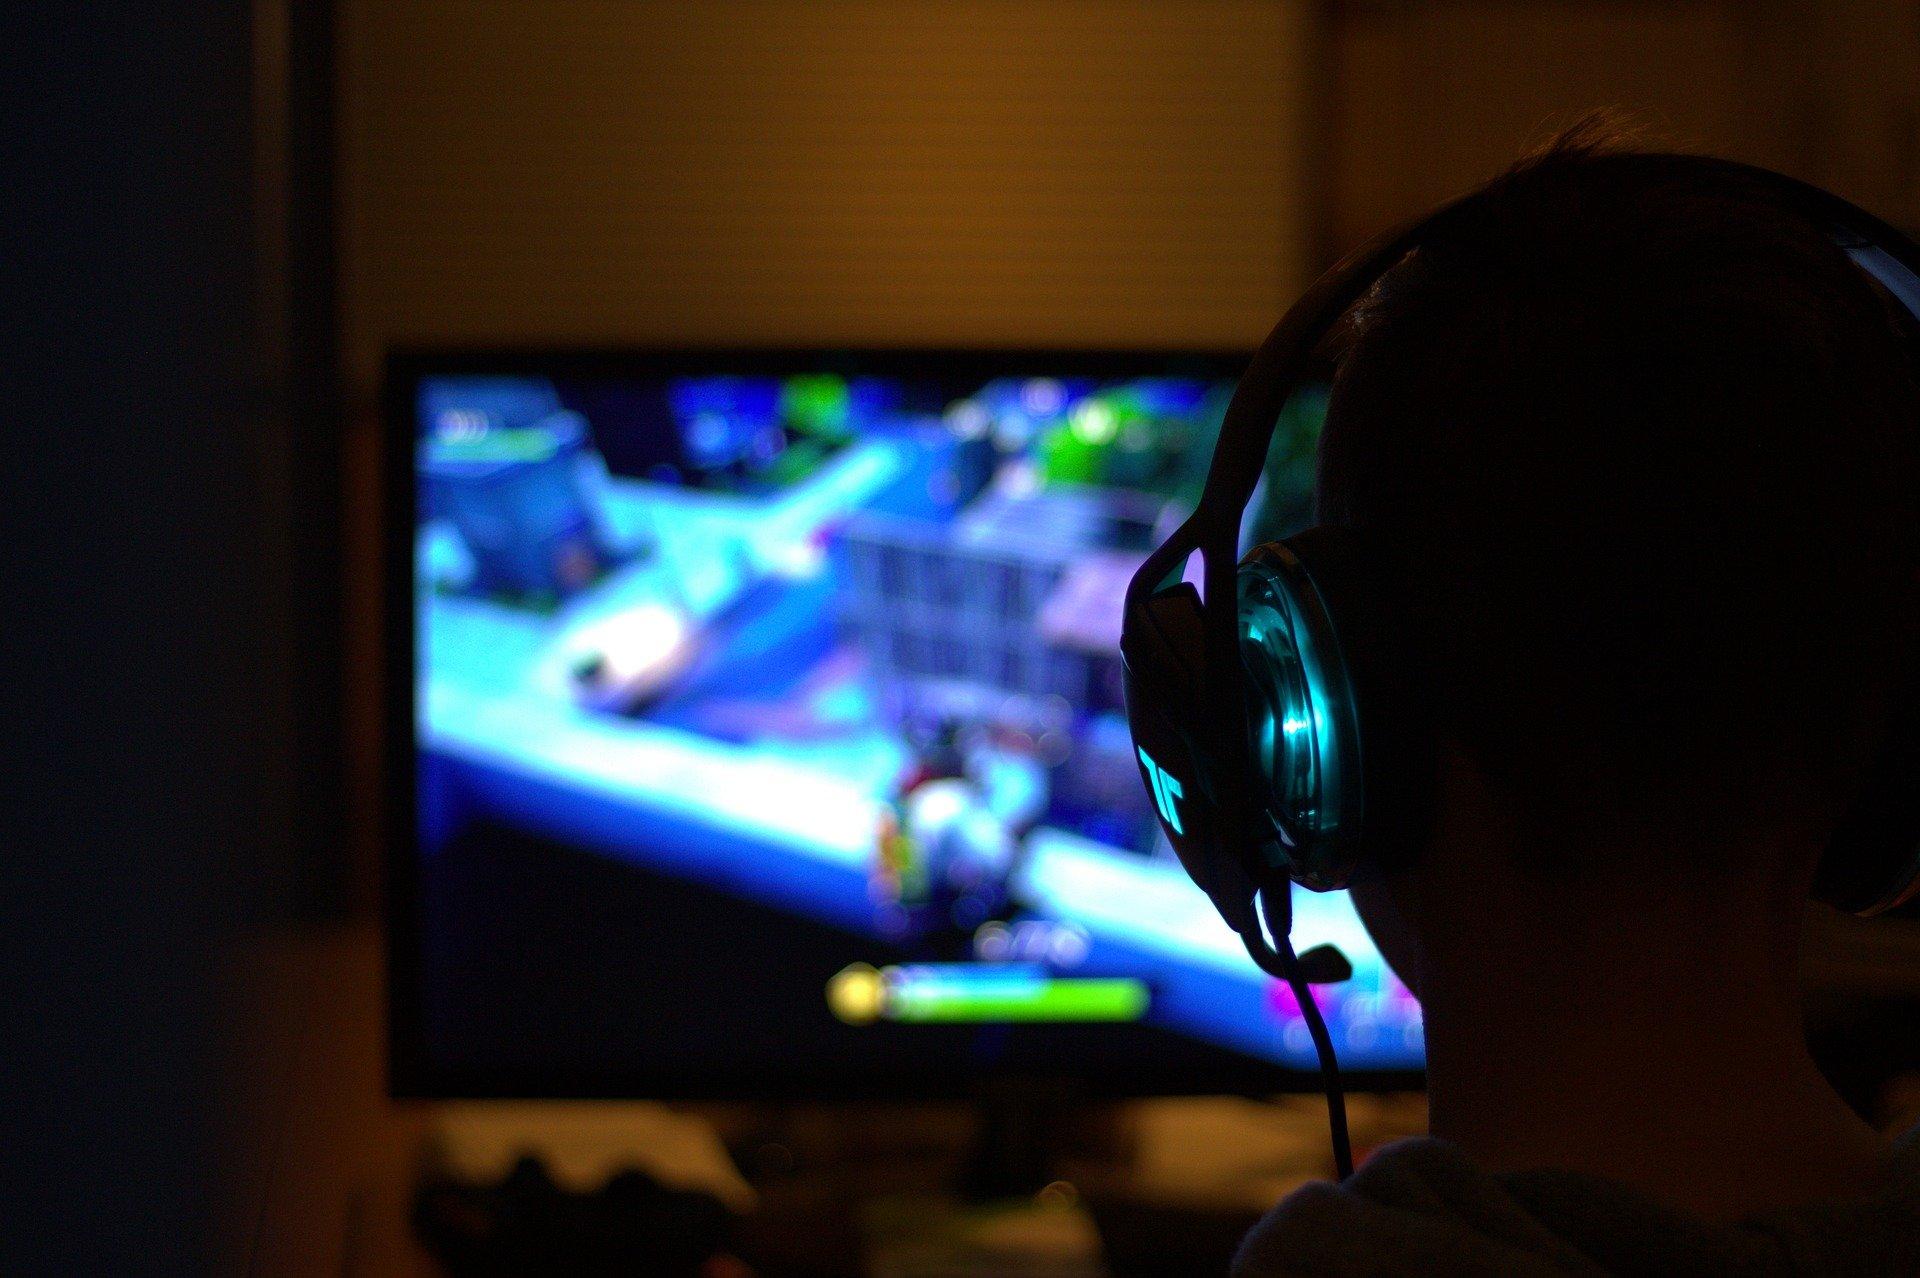 Imagem mostra uma pessoa jogando e usando um headset gamer.